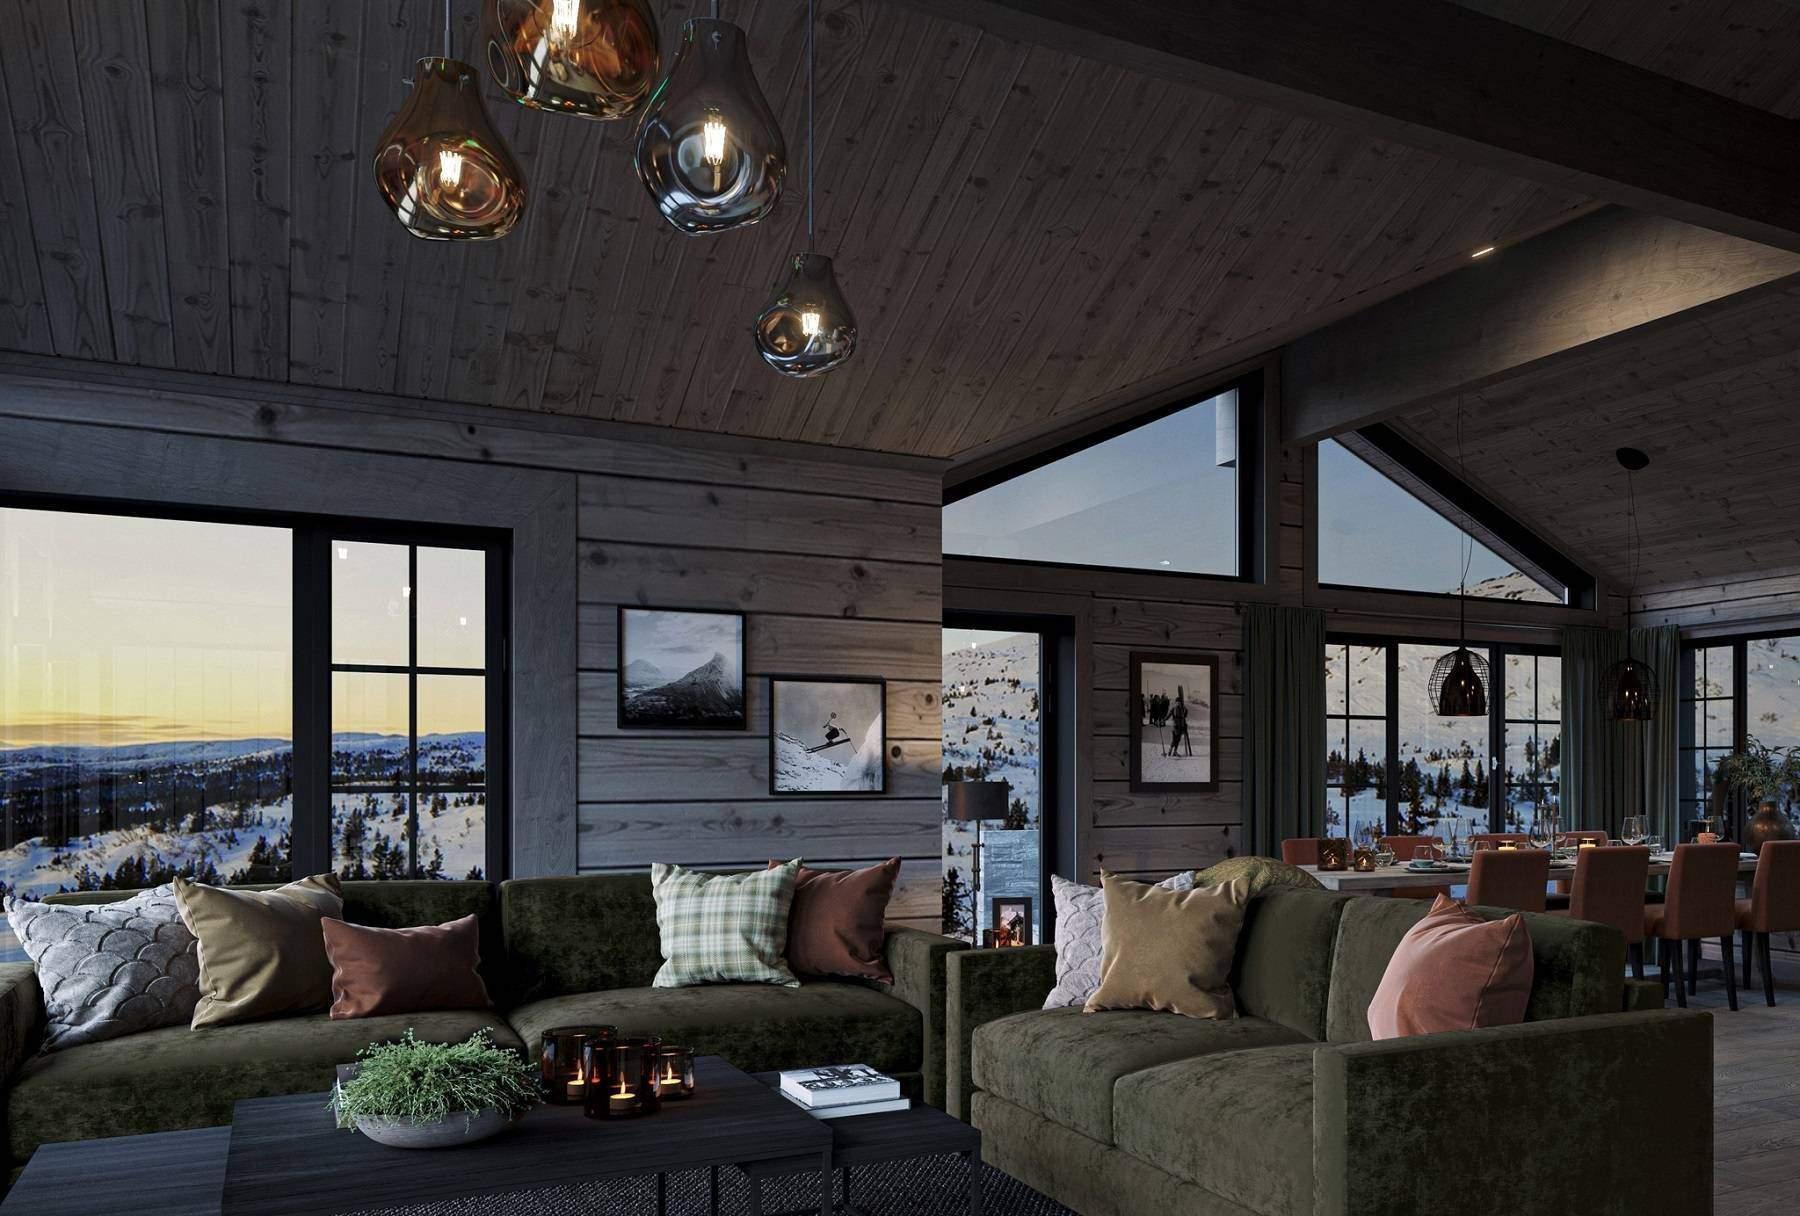 122 Varme dempede farger i hytta i et rustikk miljø. Hyttemodell Geilo 155